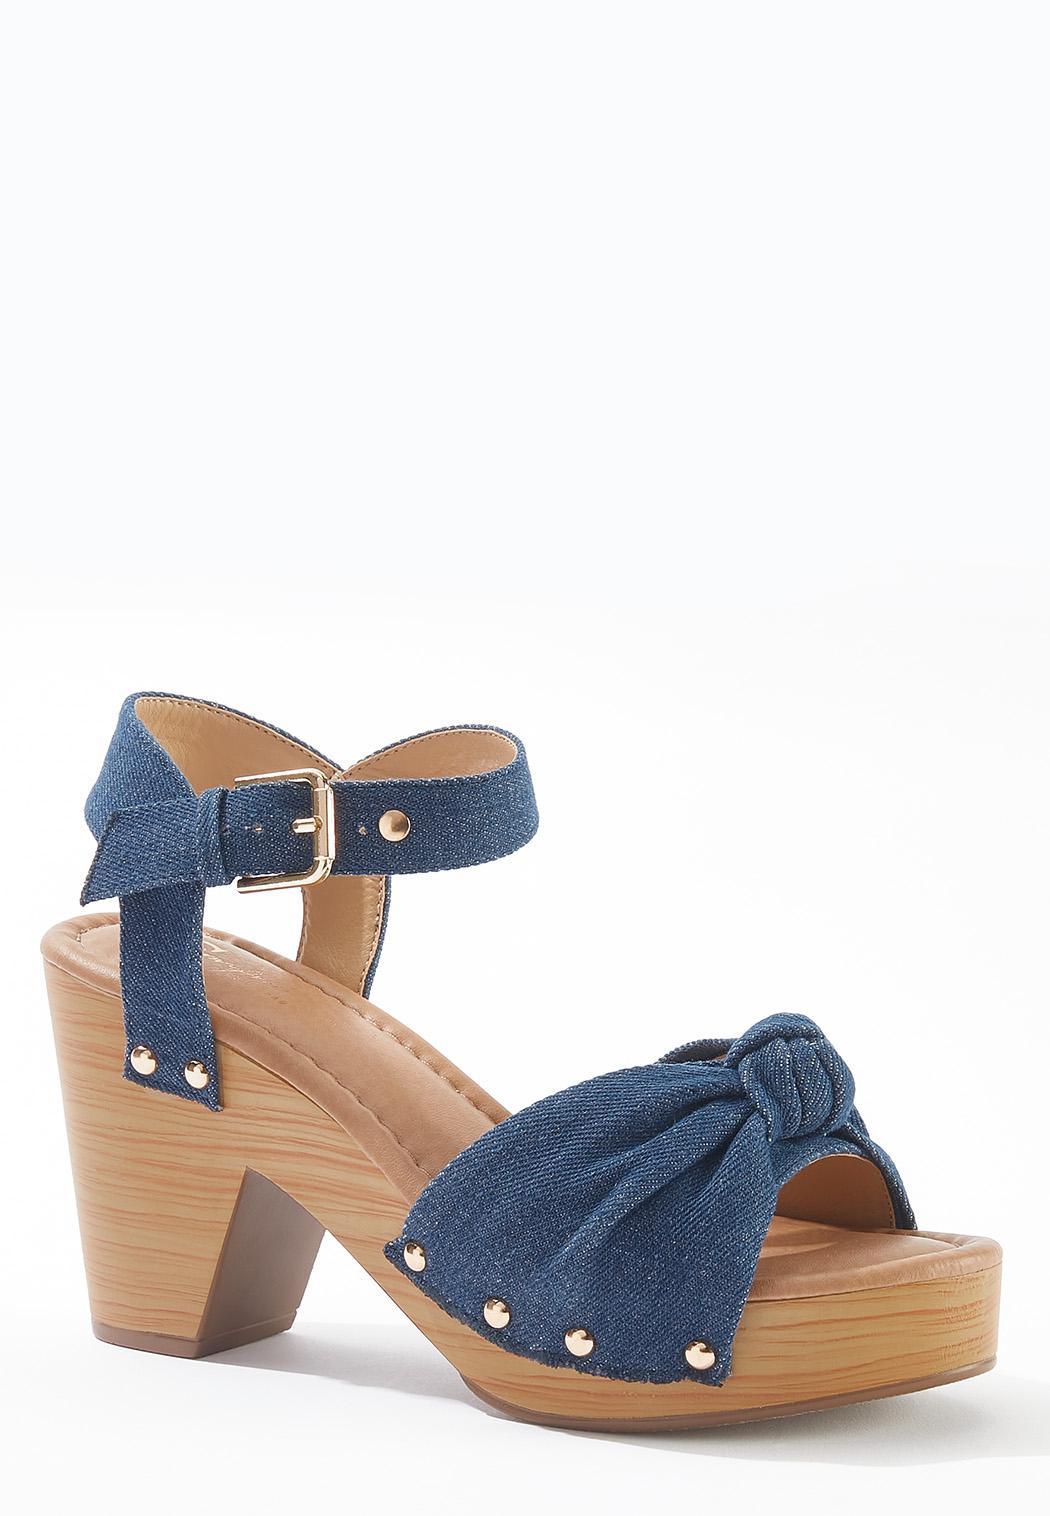 Denim Knotted Platform Sandals